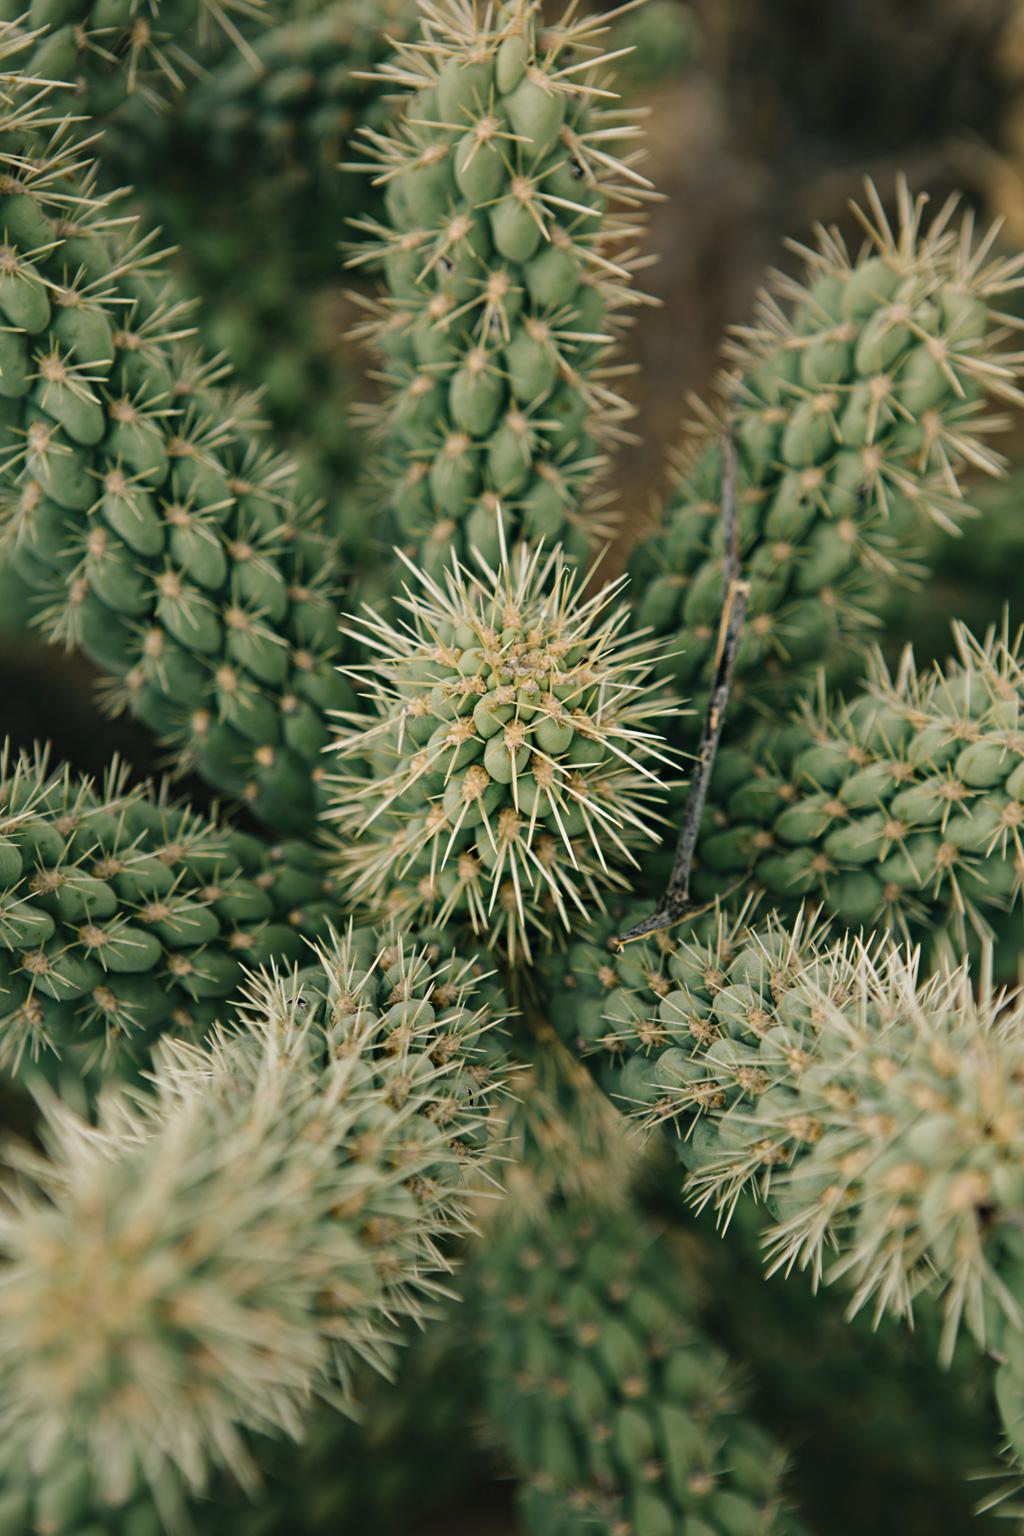 CindyGiovagnoli_Saguaro_National_Park_Arizona_desert_cactus_bloom_flowers-005.jpg